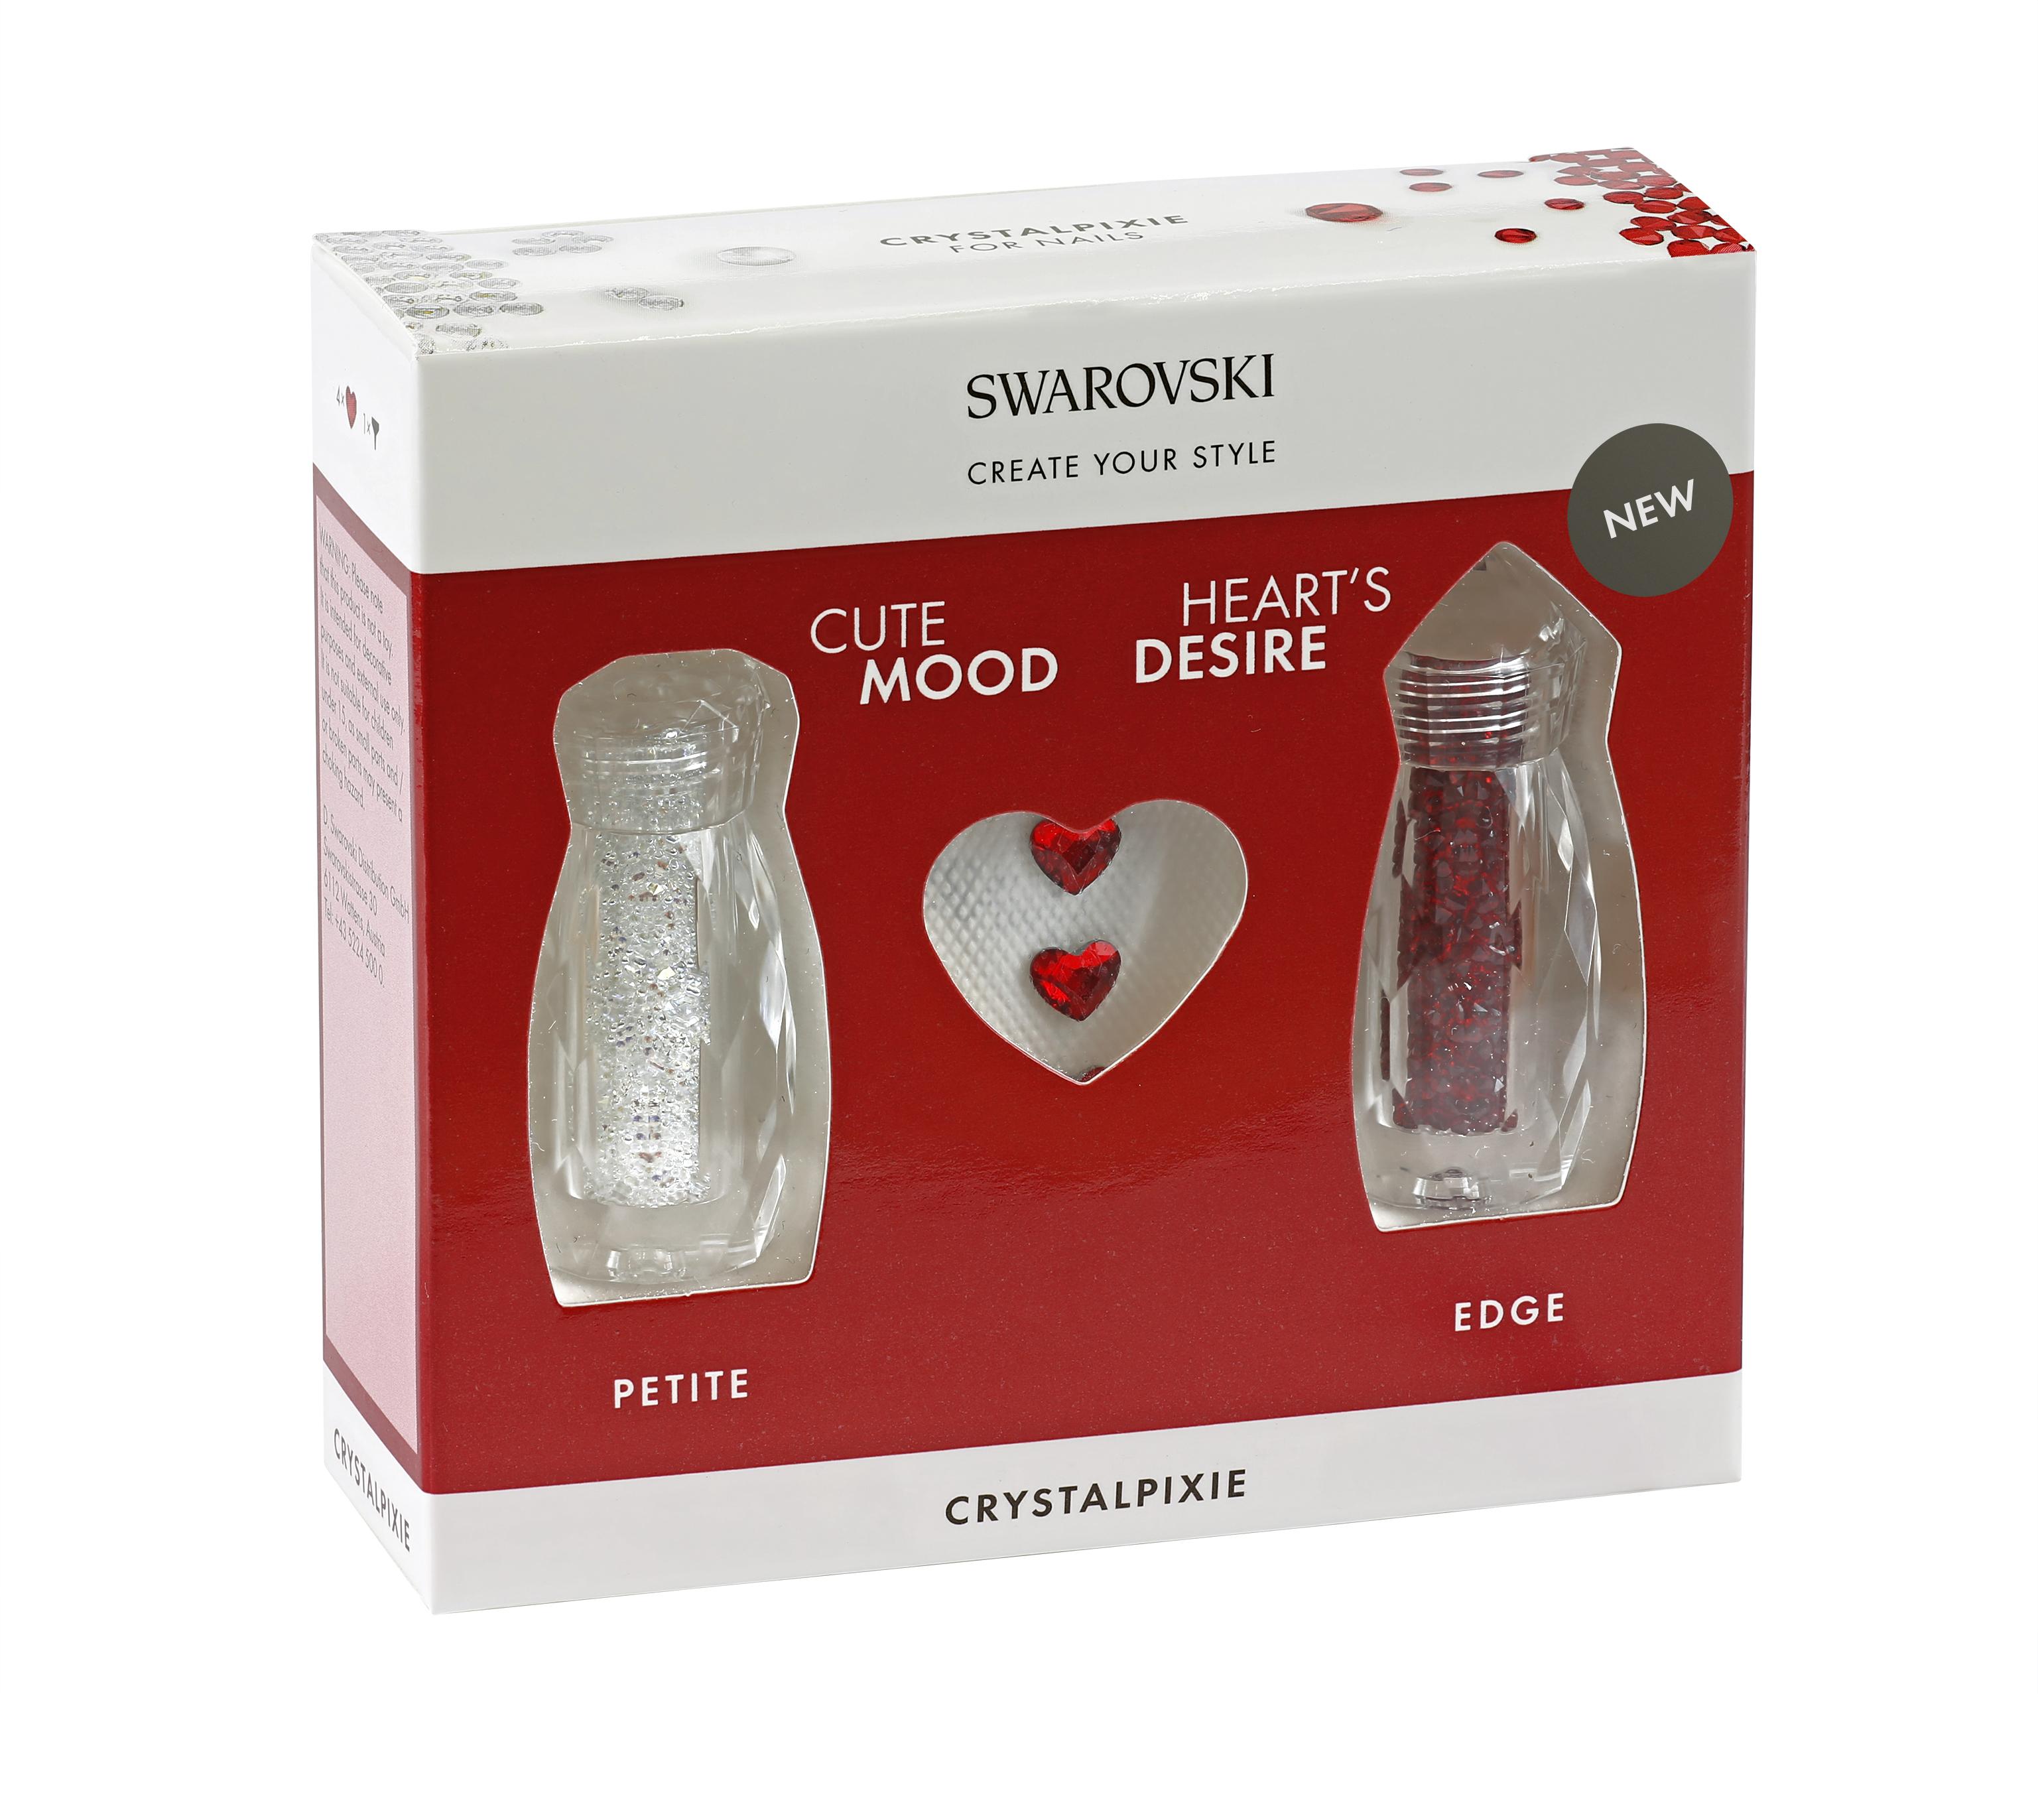 crystal-pixie-diy-nageldesign-mit-swarovski-kristallen-nail-box-pixie-valentinstag-1-stuck